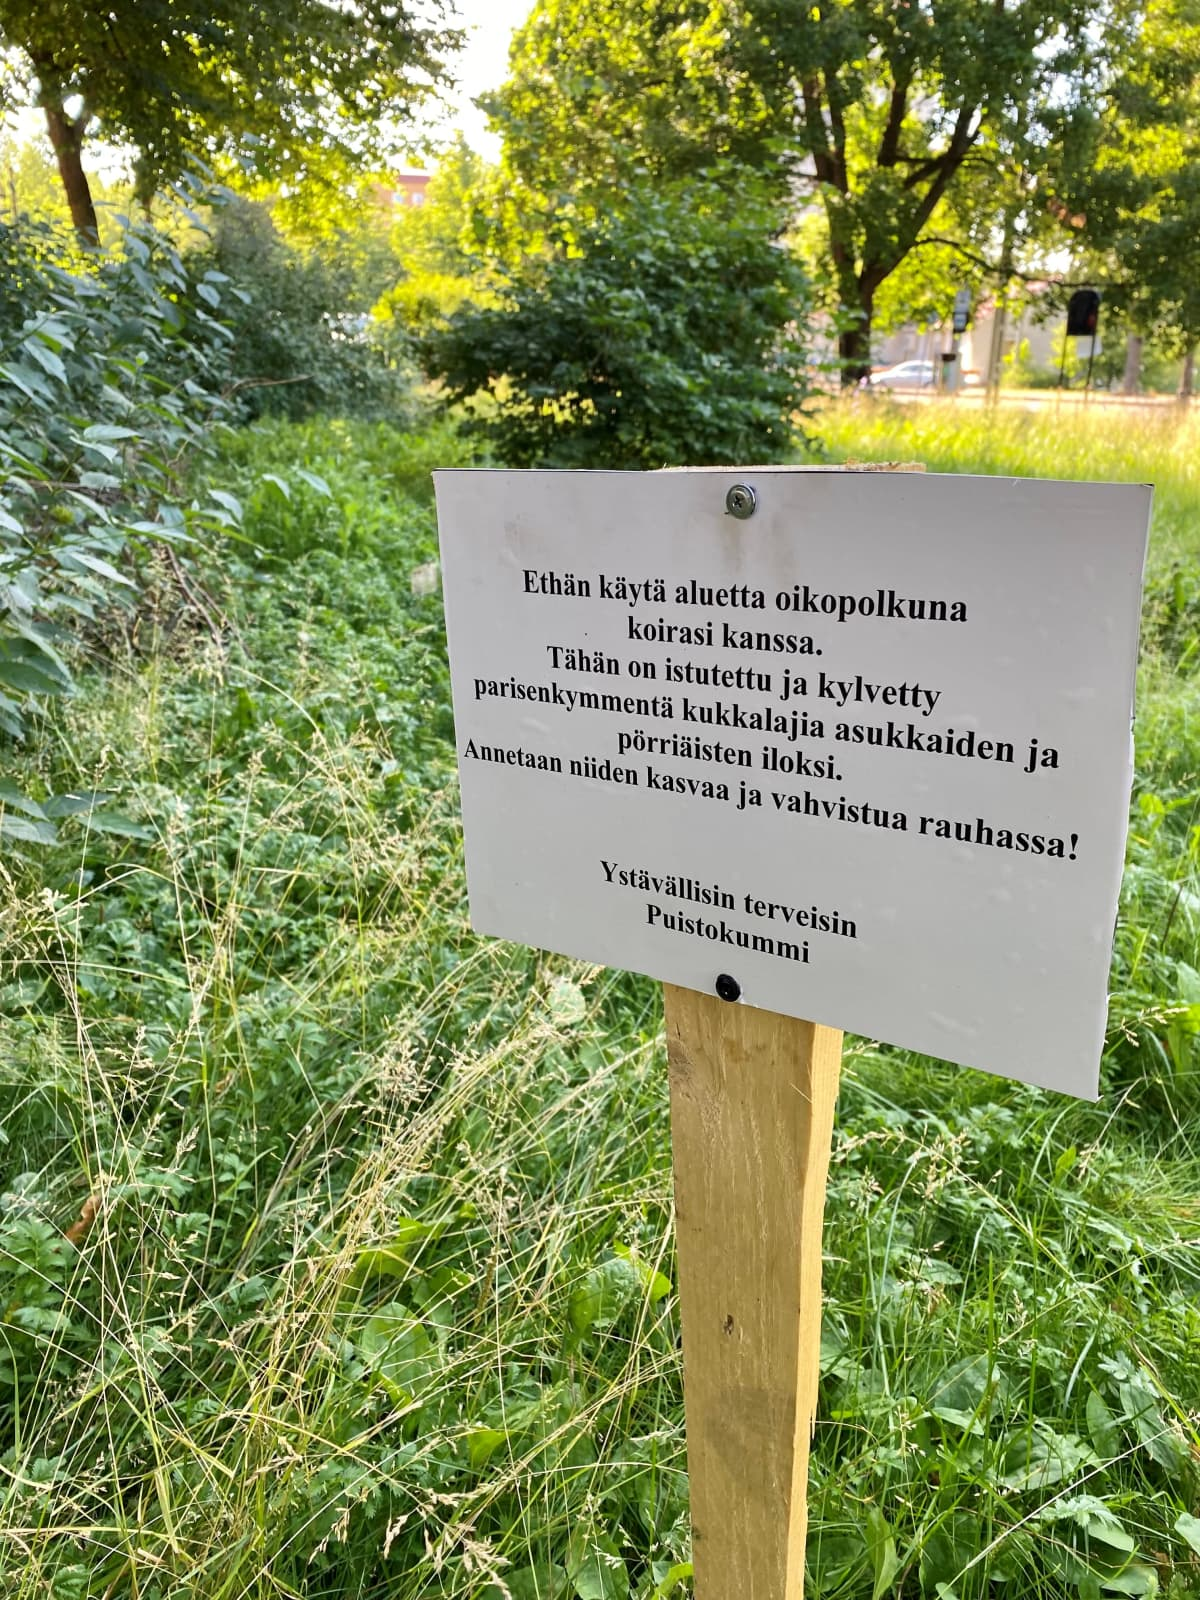 Kyltti, jossa kerrotaan, että puistossa kasvatetaan niitttykukkia.